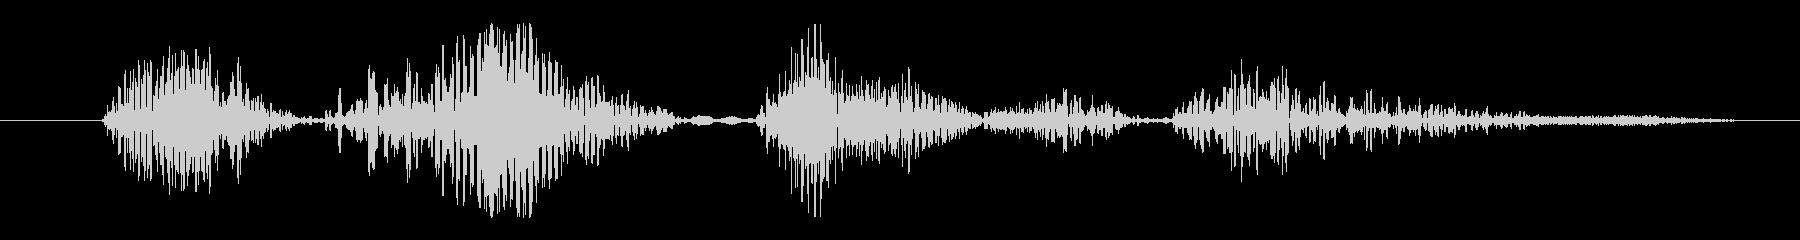 フィクション AI スペースシャト...の未再生の波形